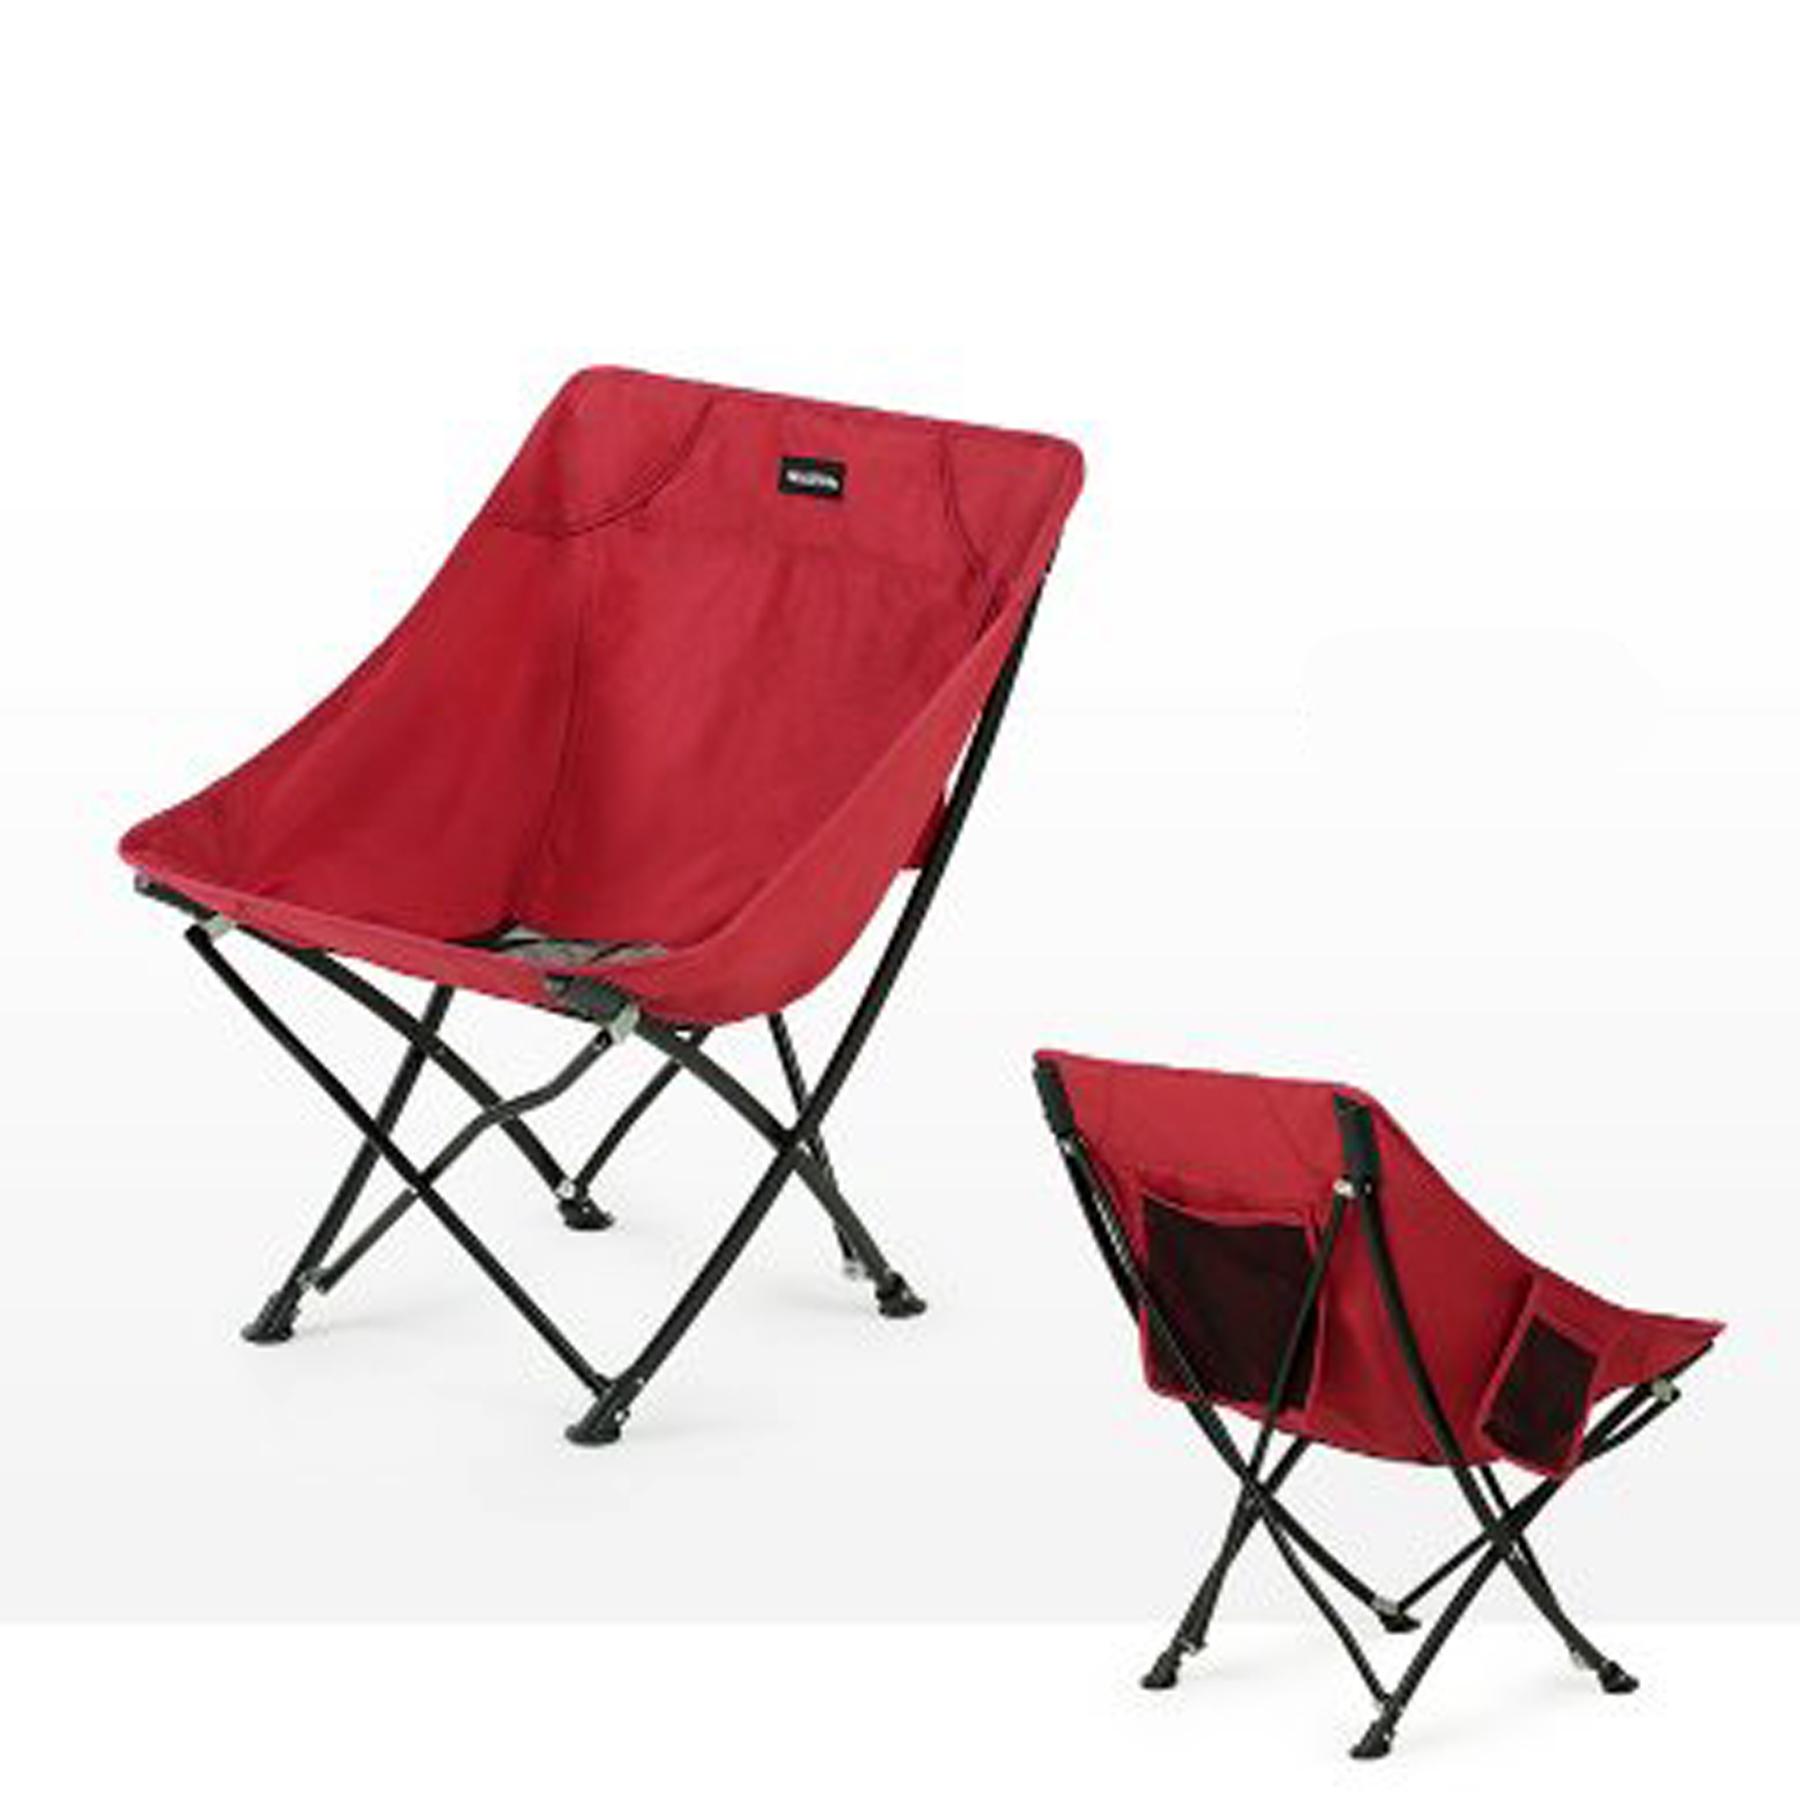 5 เก้าอี้พับคุณภาพยอดเยี่ยม ที่คัดมาเพื่อสายแคมปิ้งโดยเฉพาะ !3